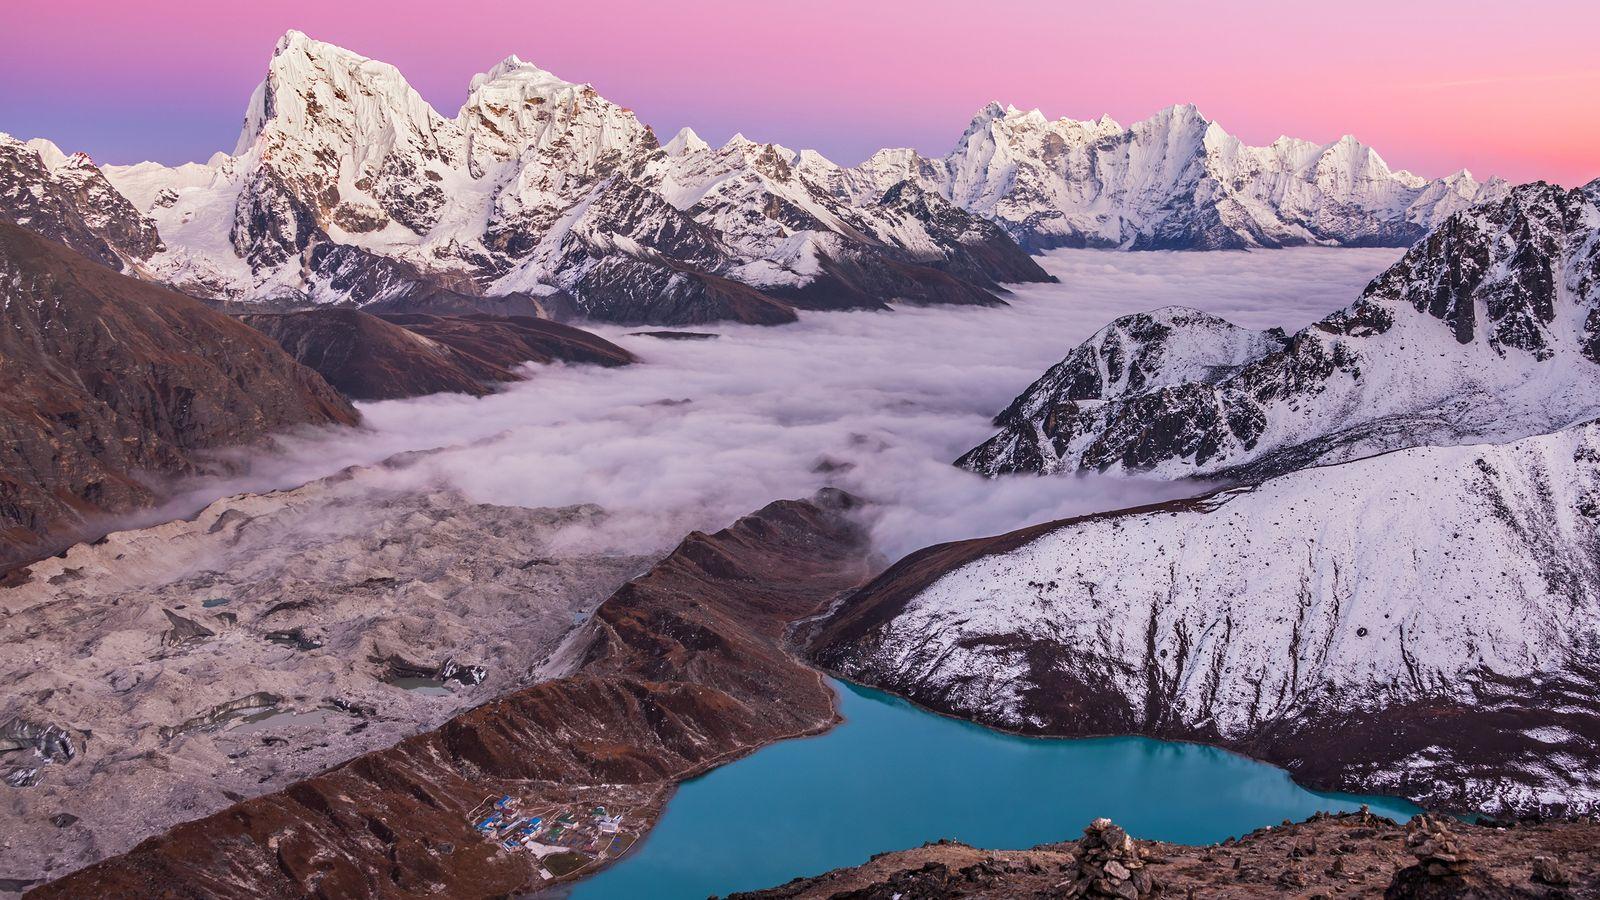 Imagem de Gokyo Ri, do lago da montanha mágica e Monte Everest, no Himalaia, Nepal